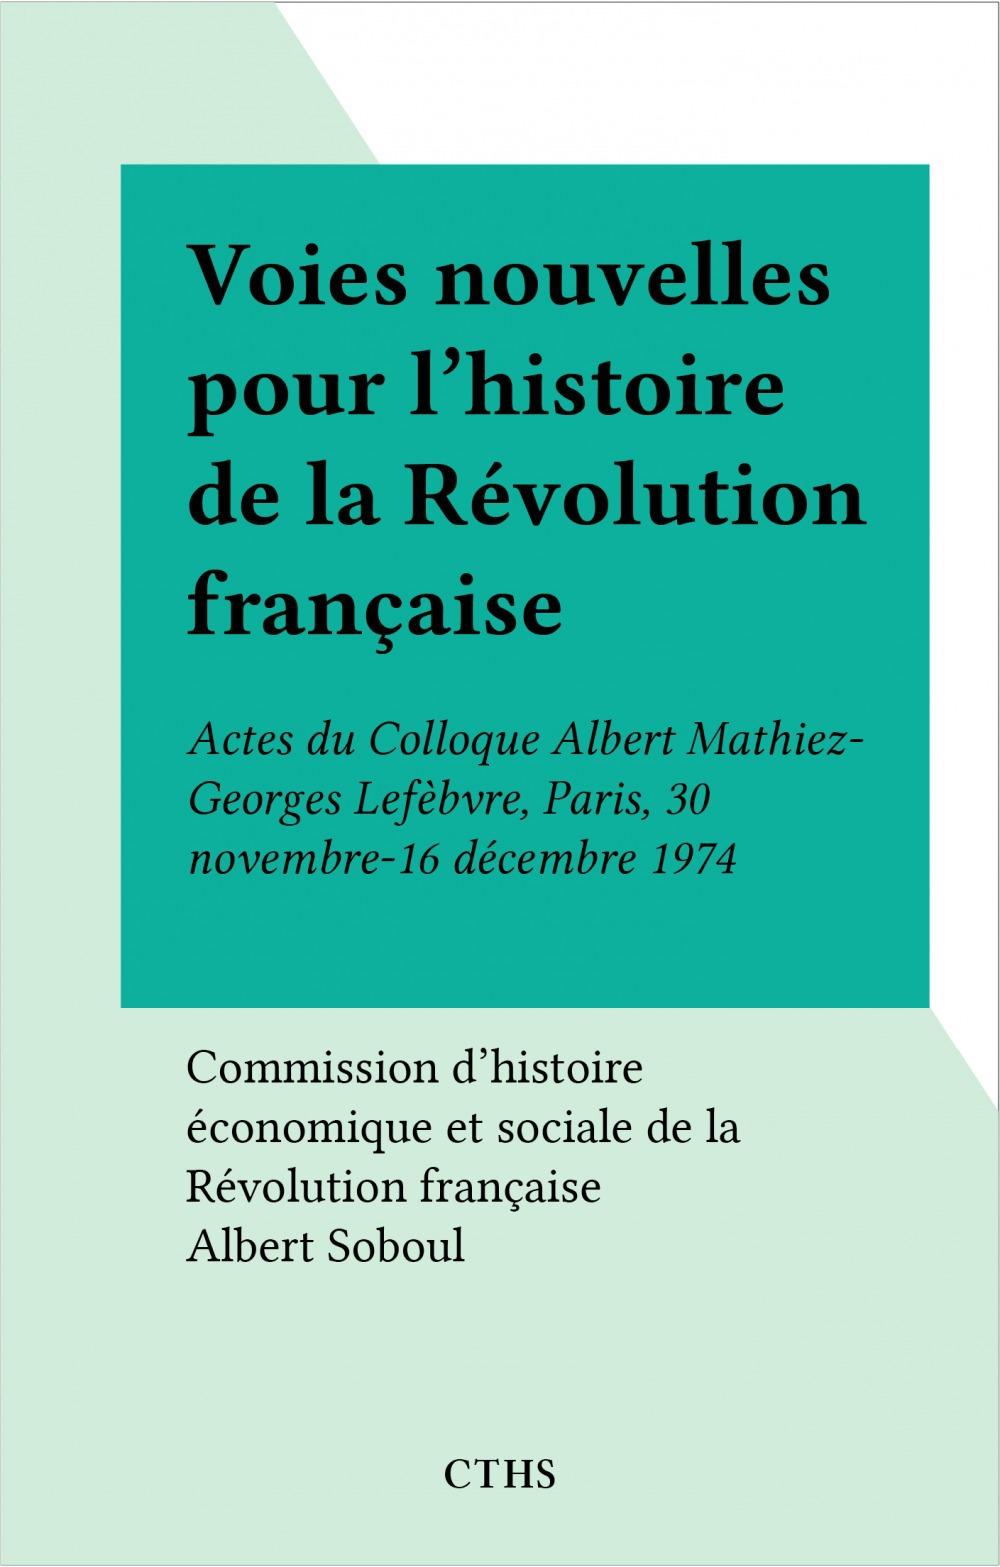 Voies nouvelles pour l'histoire de la Révolution française  - Collectif